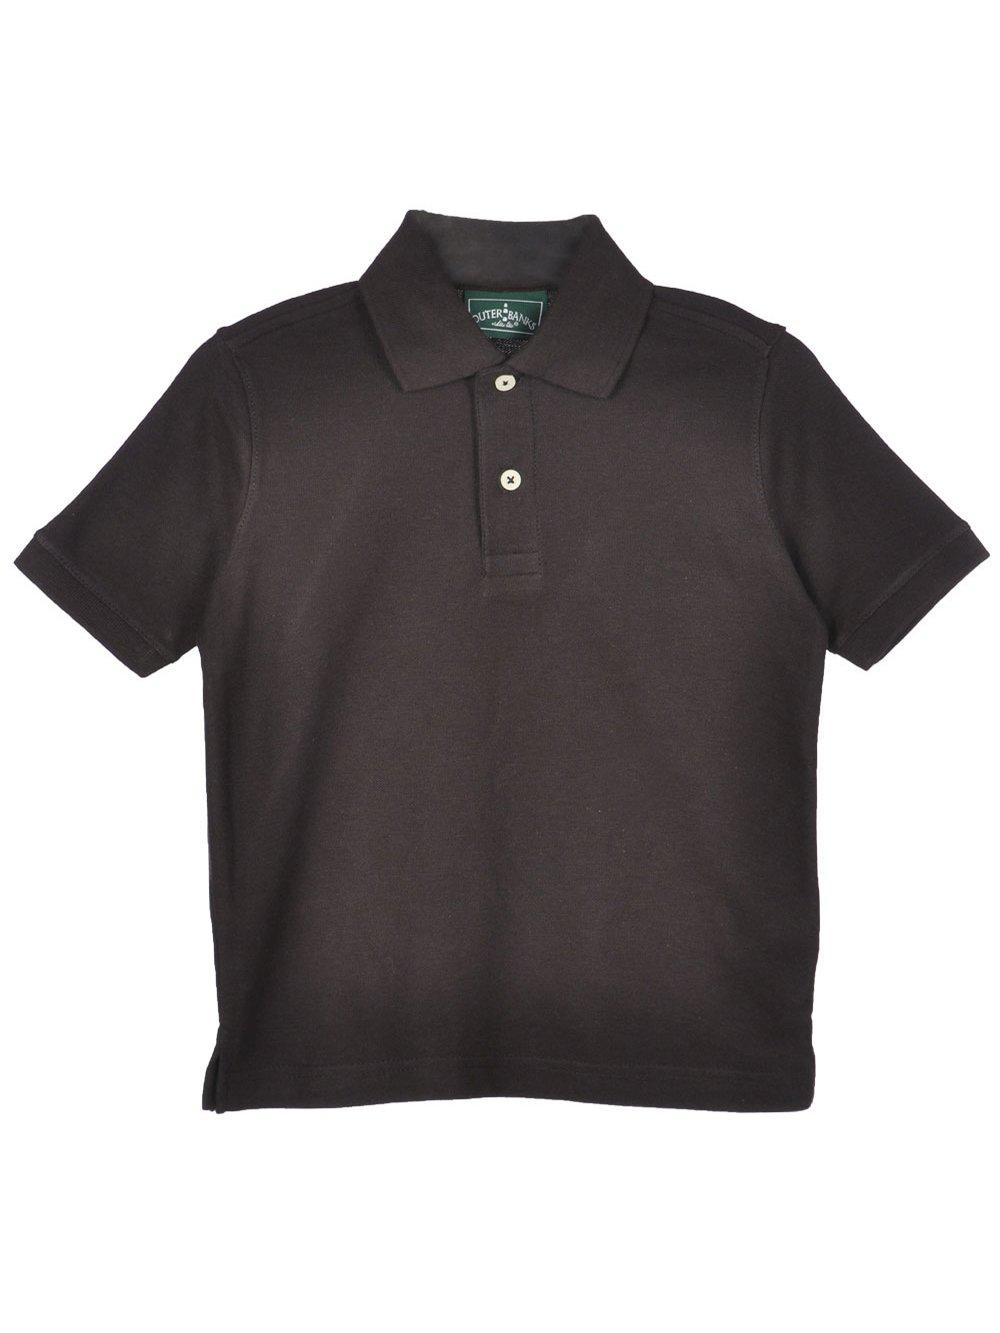 Outer Banks Big Boys' Roanoke Pique Polo Shirt - black, 8-10/m